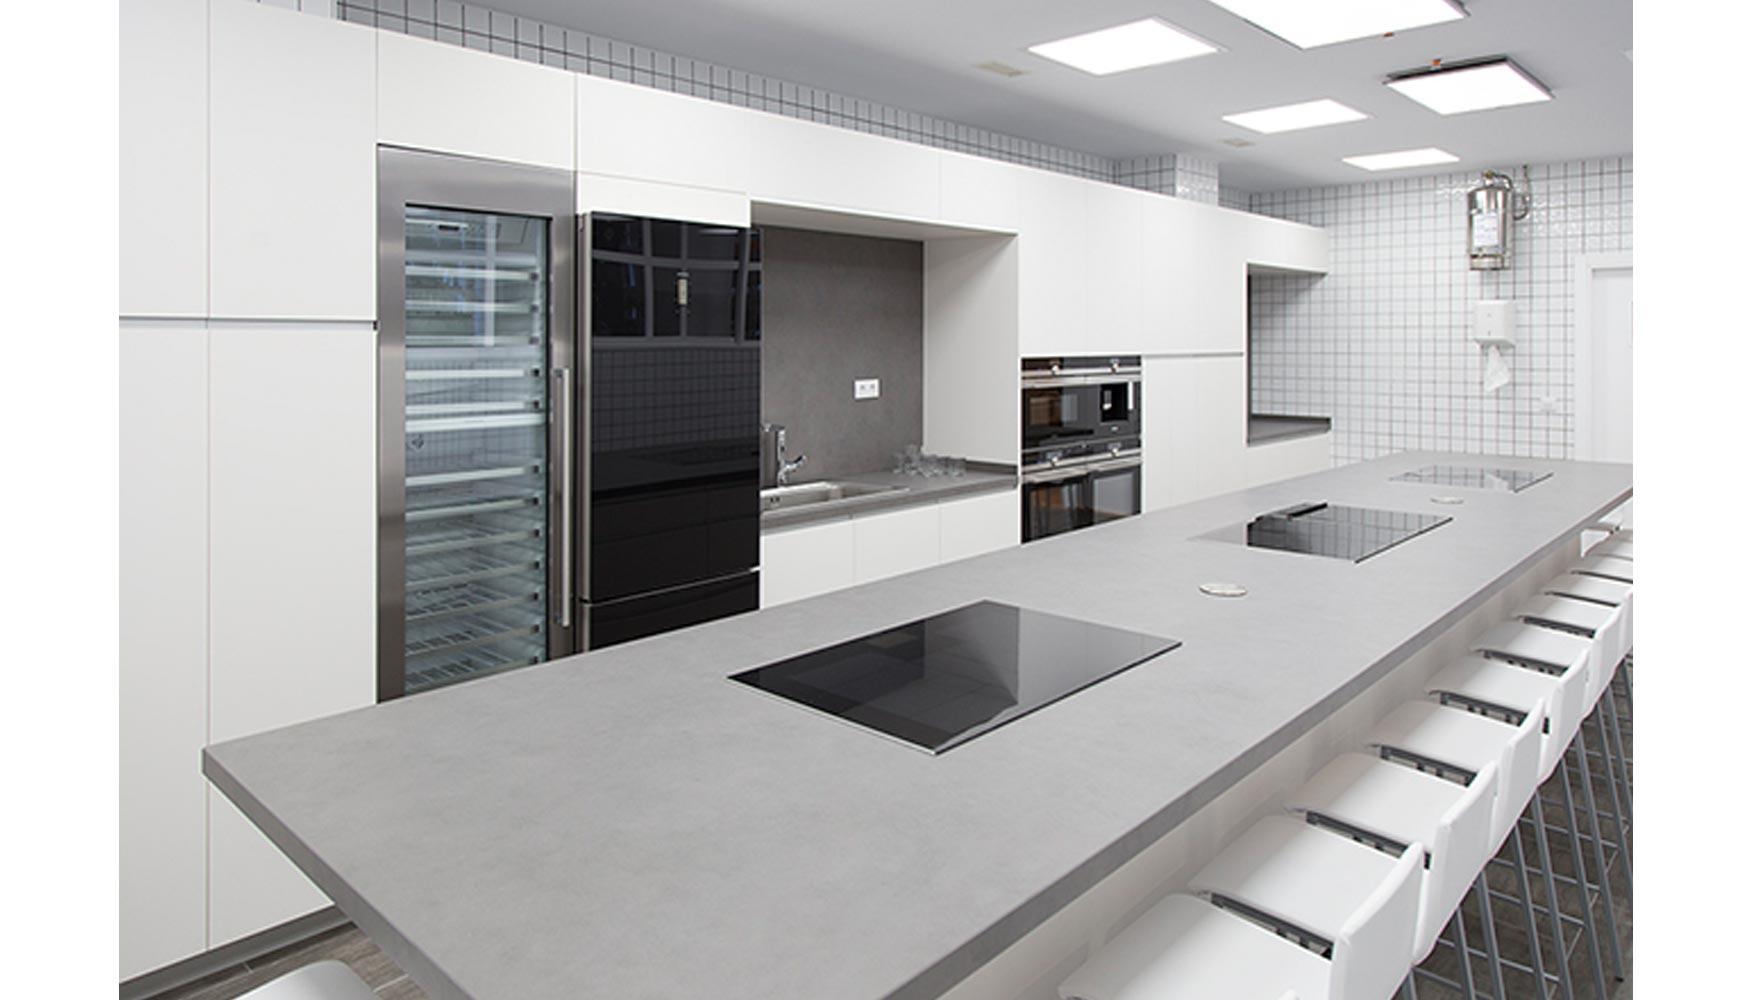 La Línea De Cocinas De Neolith, Neolith Kitchen Lounge, Ha Sido Elegida  Para Formar Parte De Un Nuevo Proyecto Gastronómico: Contacto Cocina.